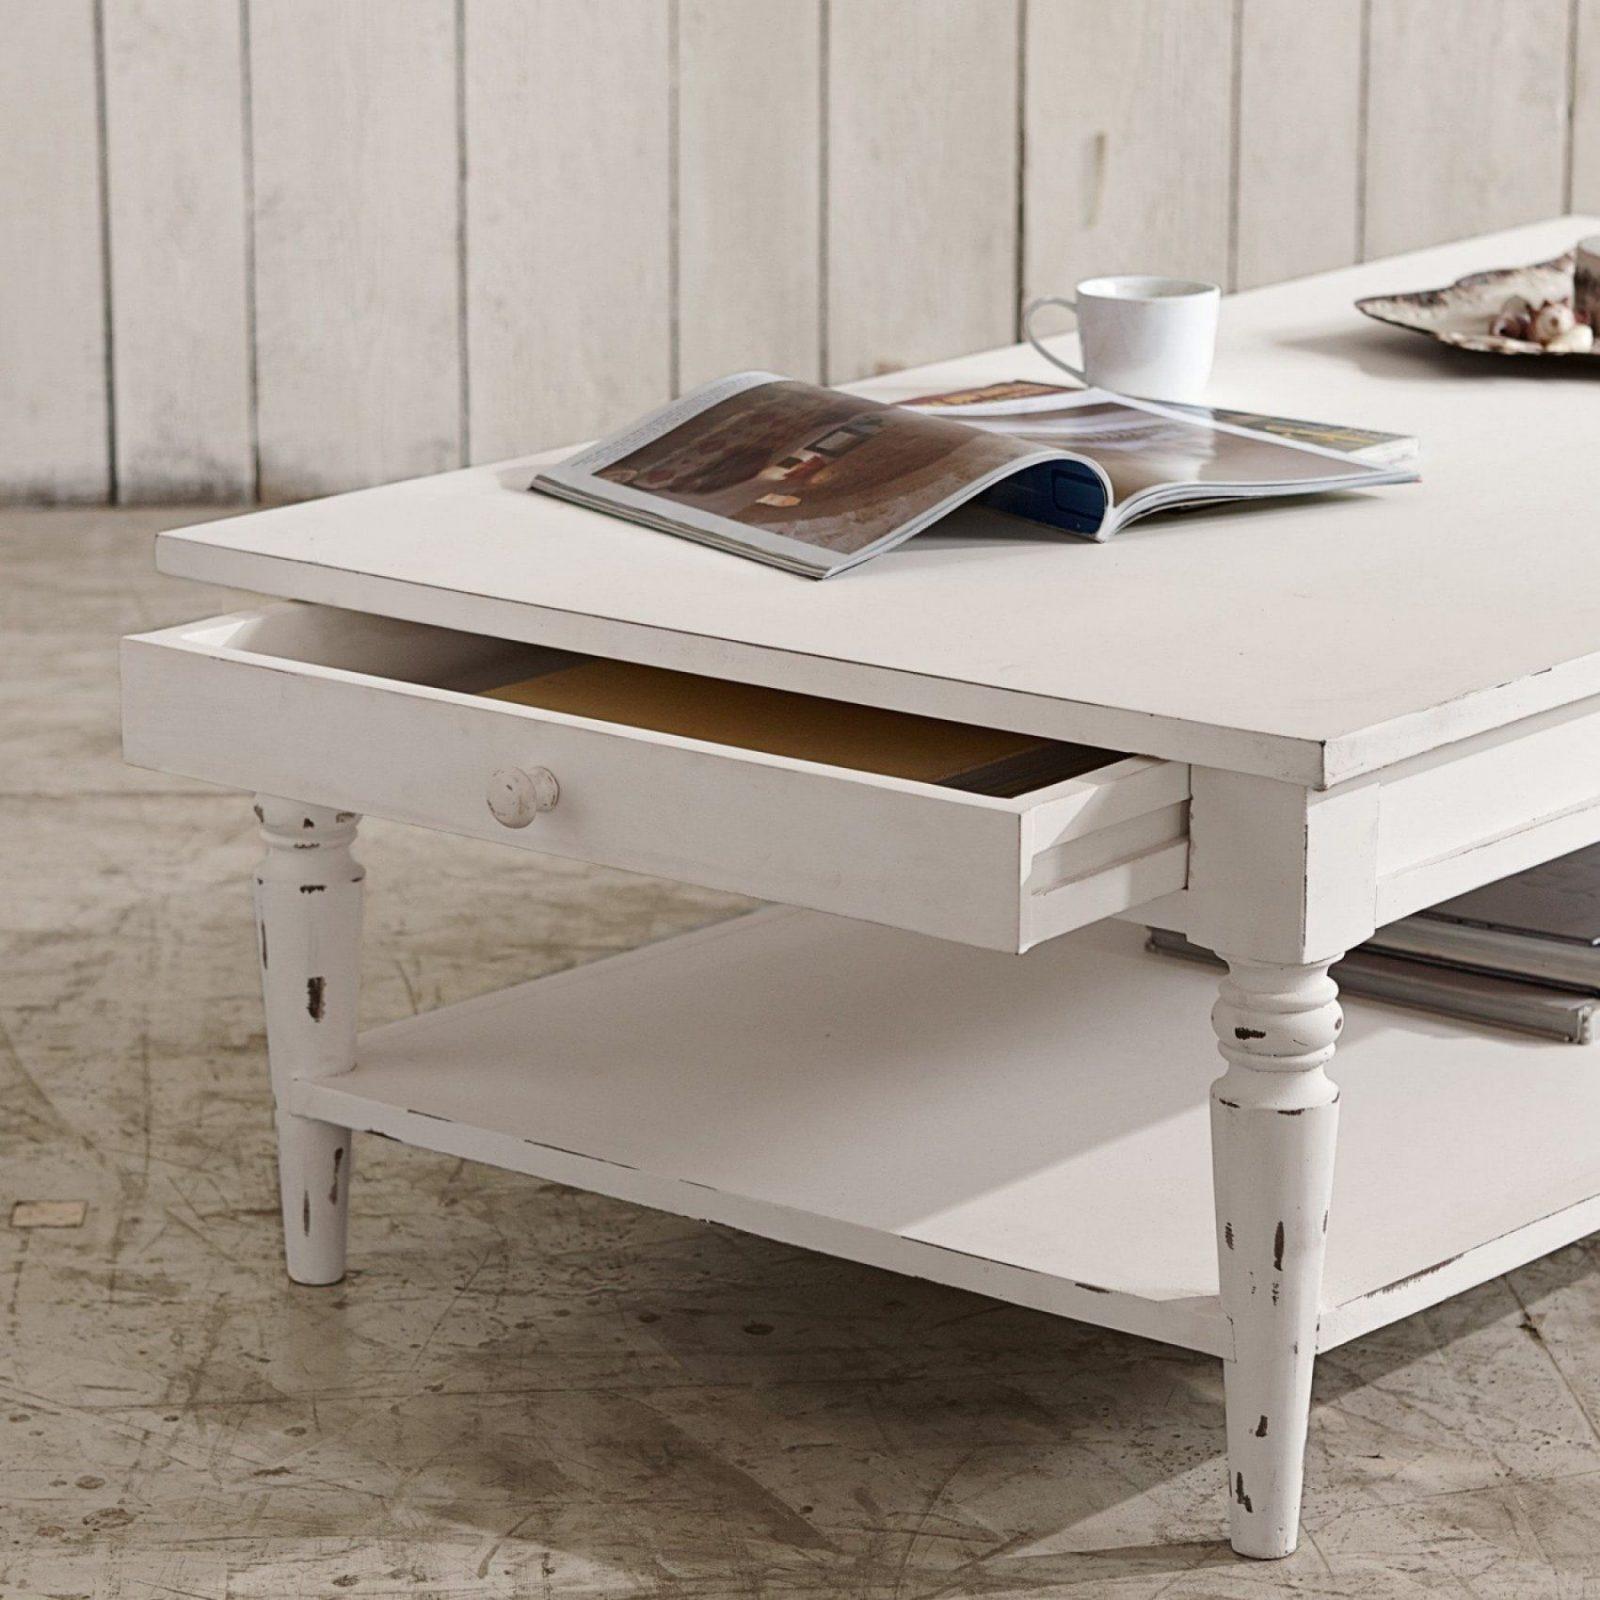 Couchtisch Ideen Stilvoll Couchtisch Antik Weiß Design Reizend von Couchtisch Antik Weiß Gewischt Photo